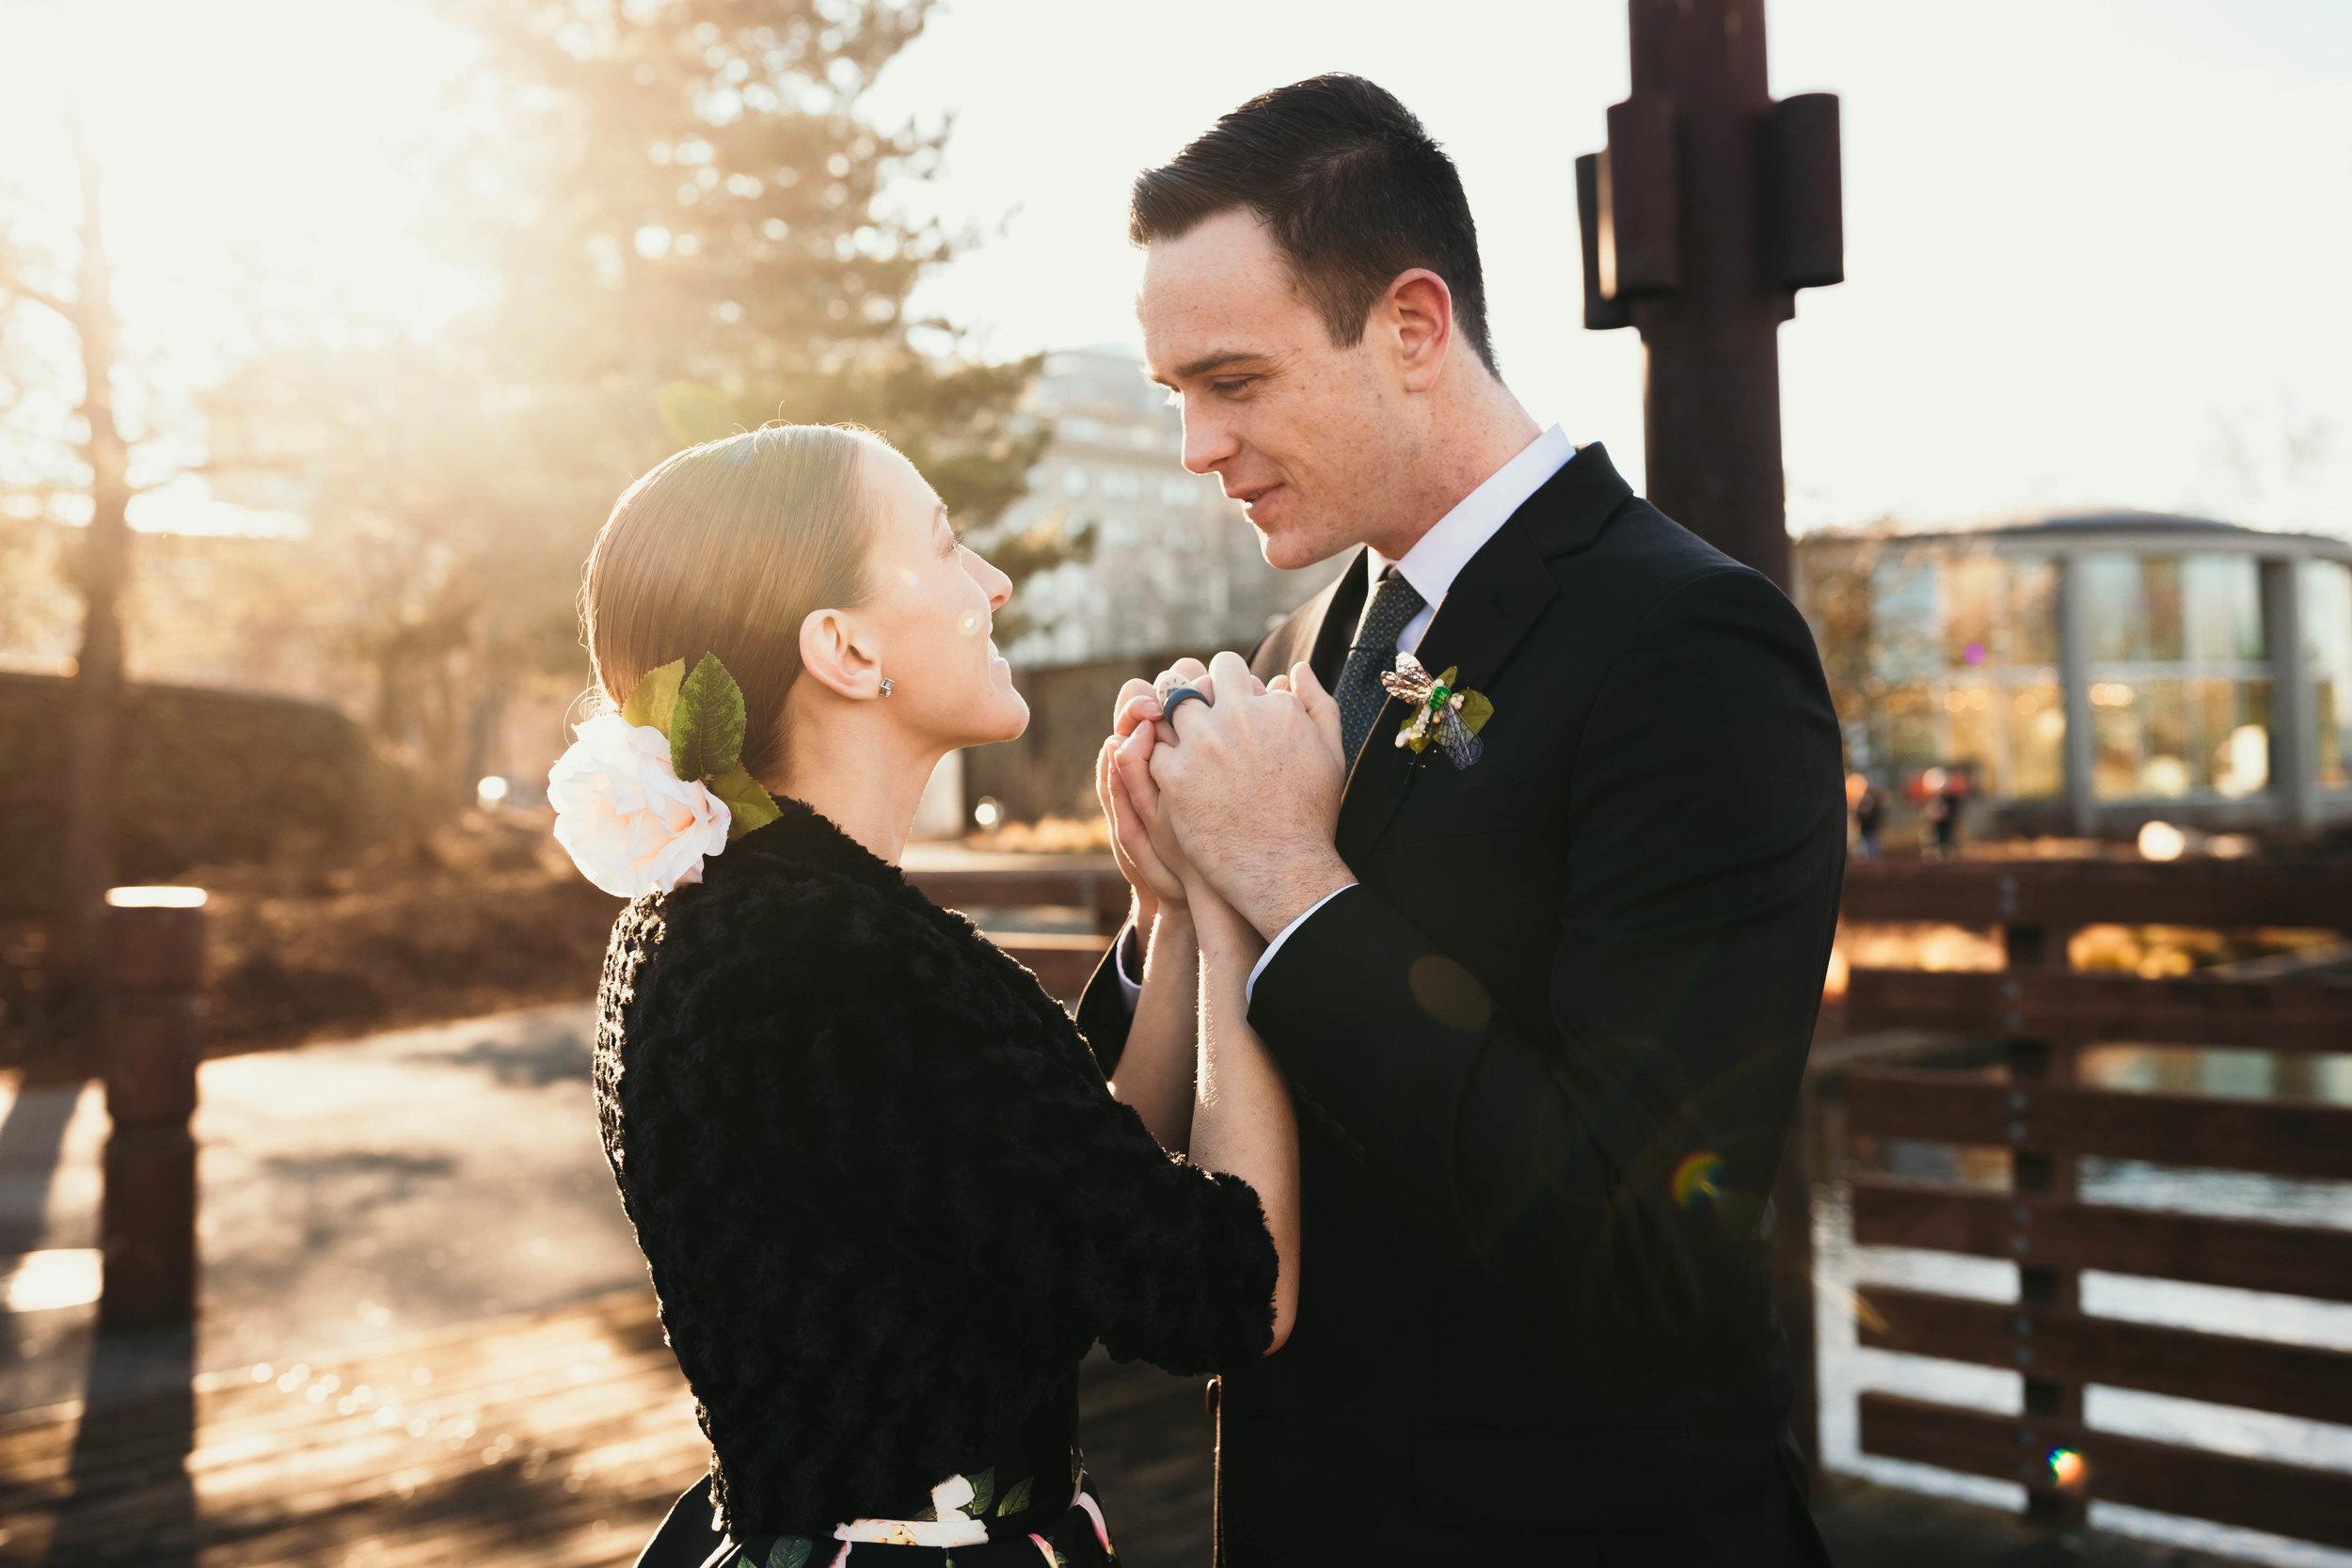 izzy+jacob-weddingsneakpeekblog-76.jpg